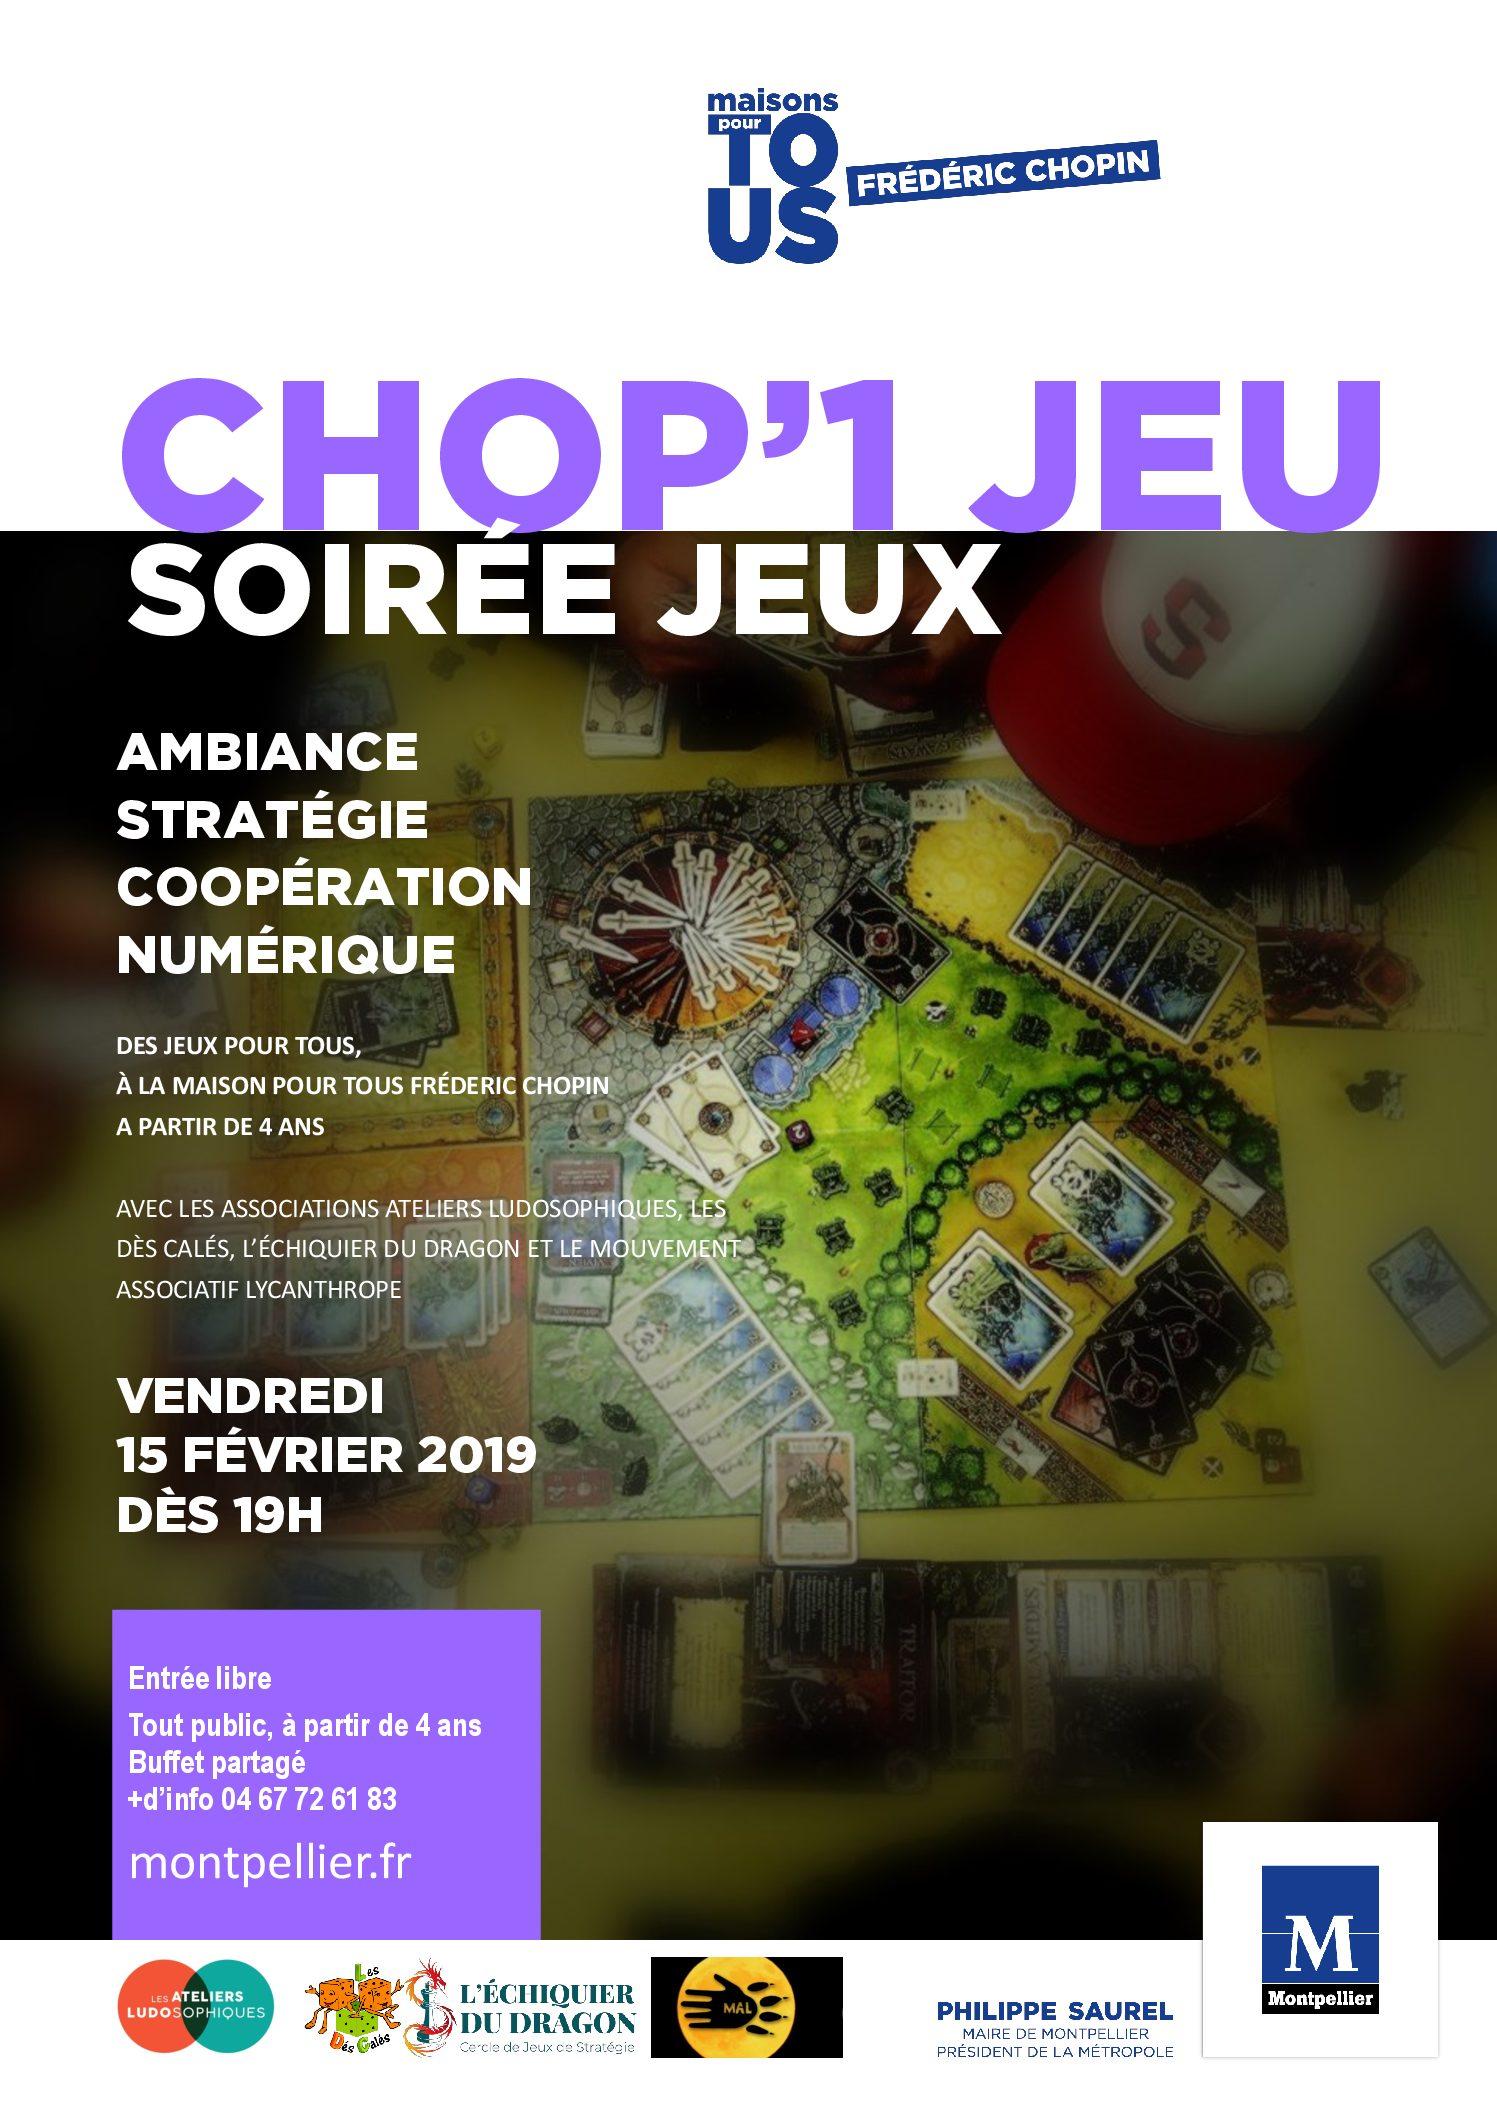 CHOPIN – CHOP'1 JEU – 15 02 2019 AFFICHE